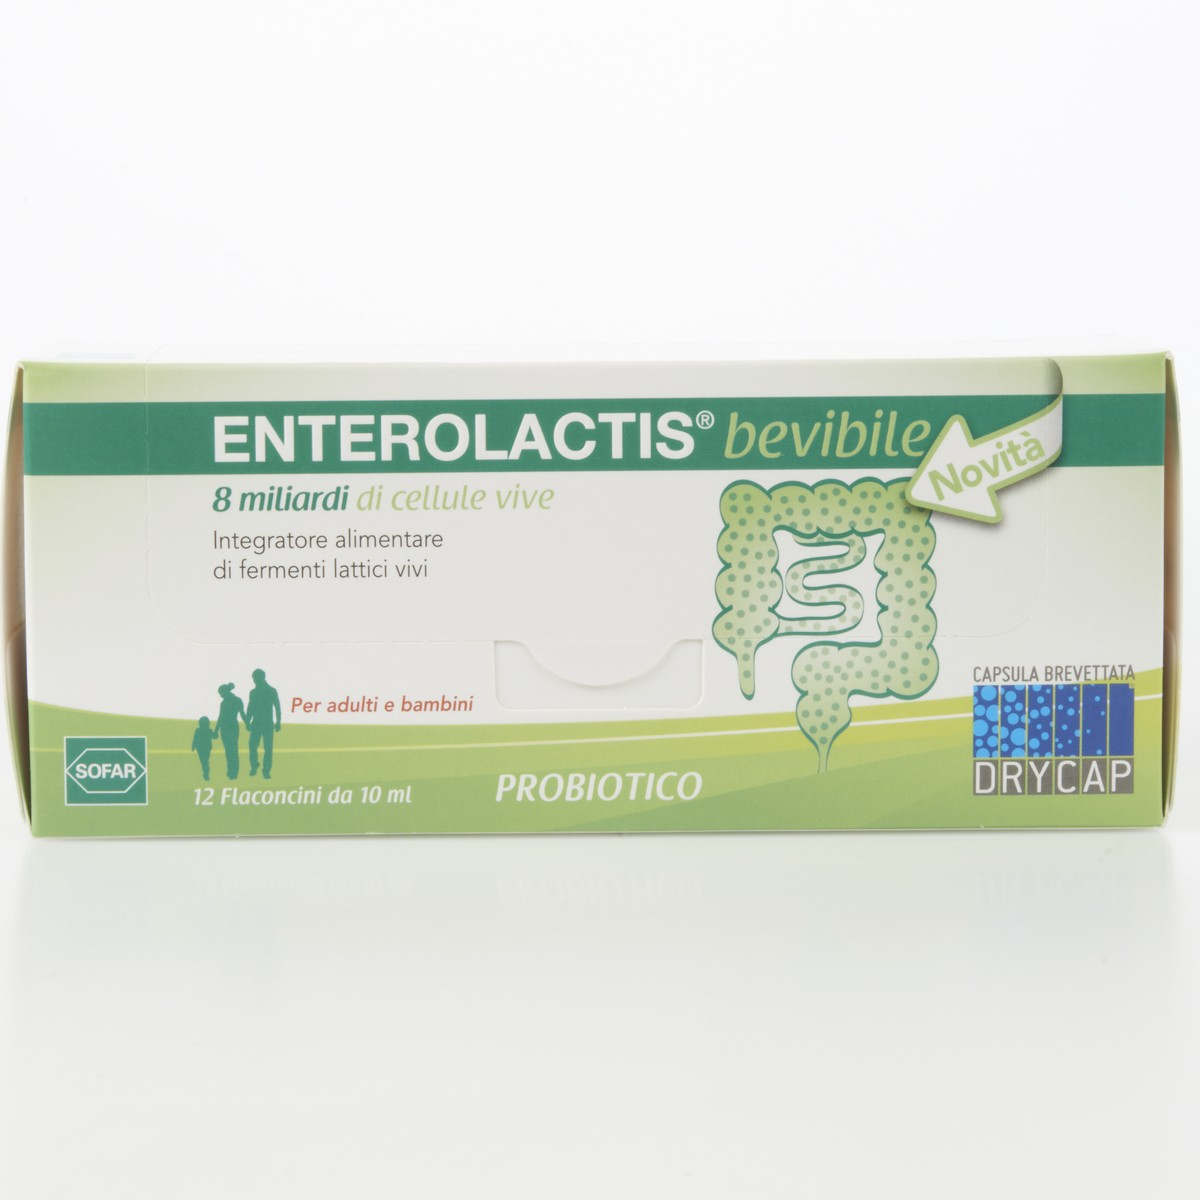 Enterolactis bevibile